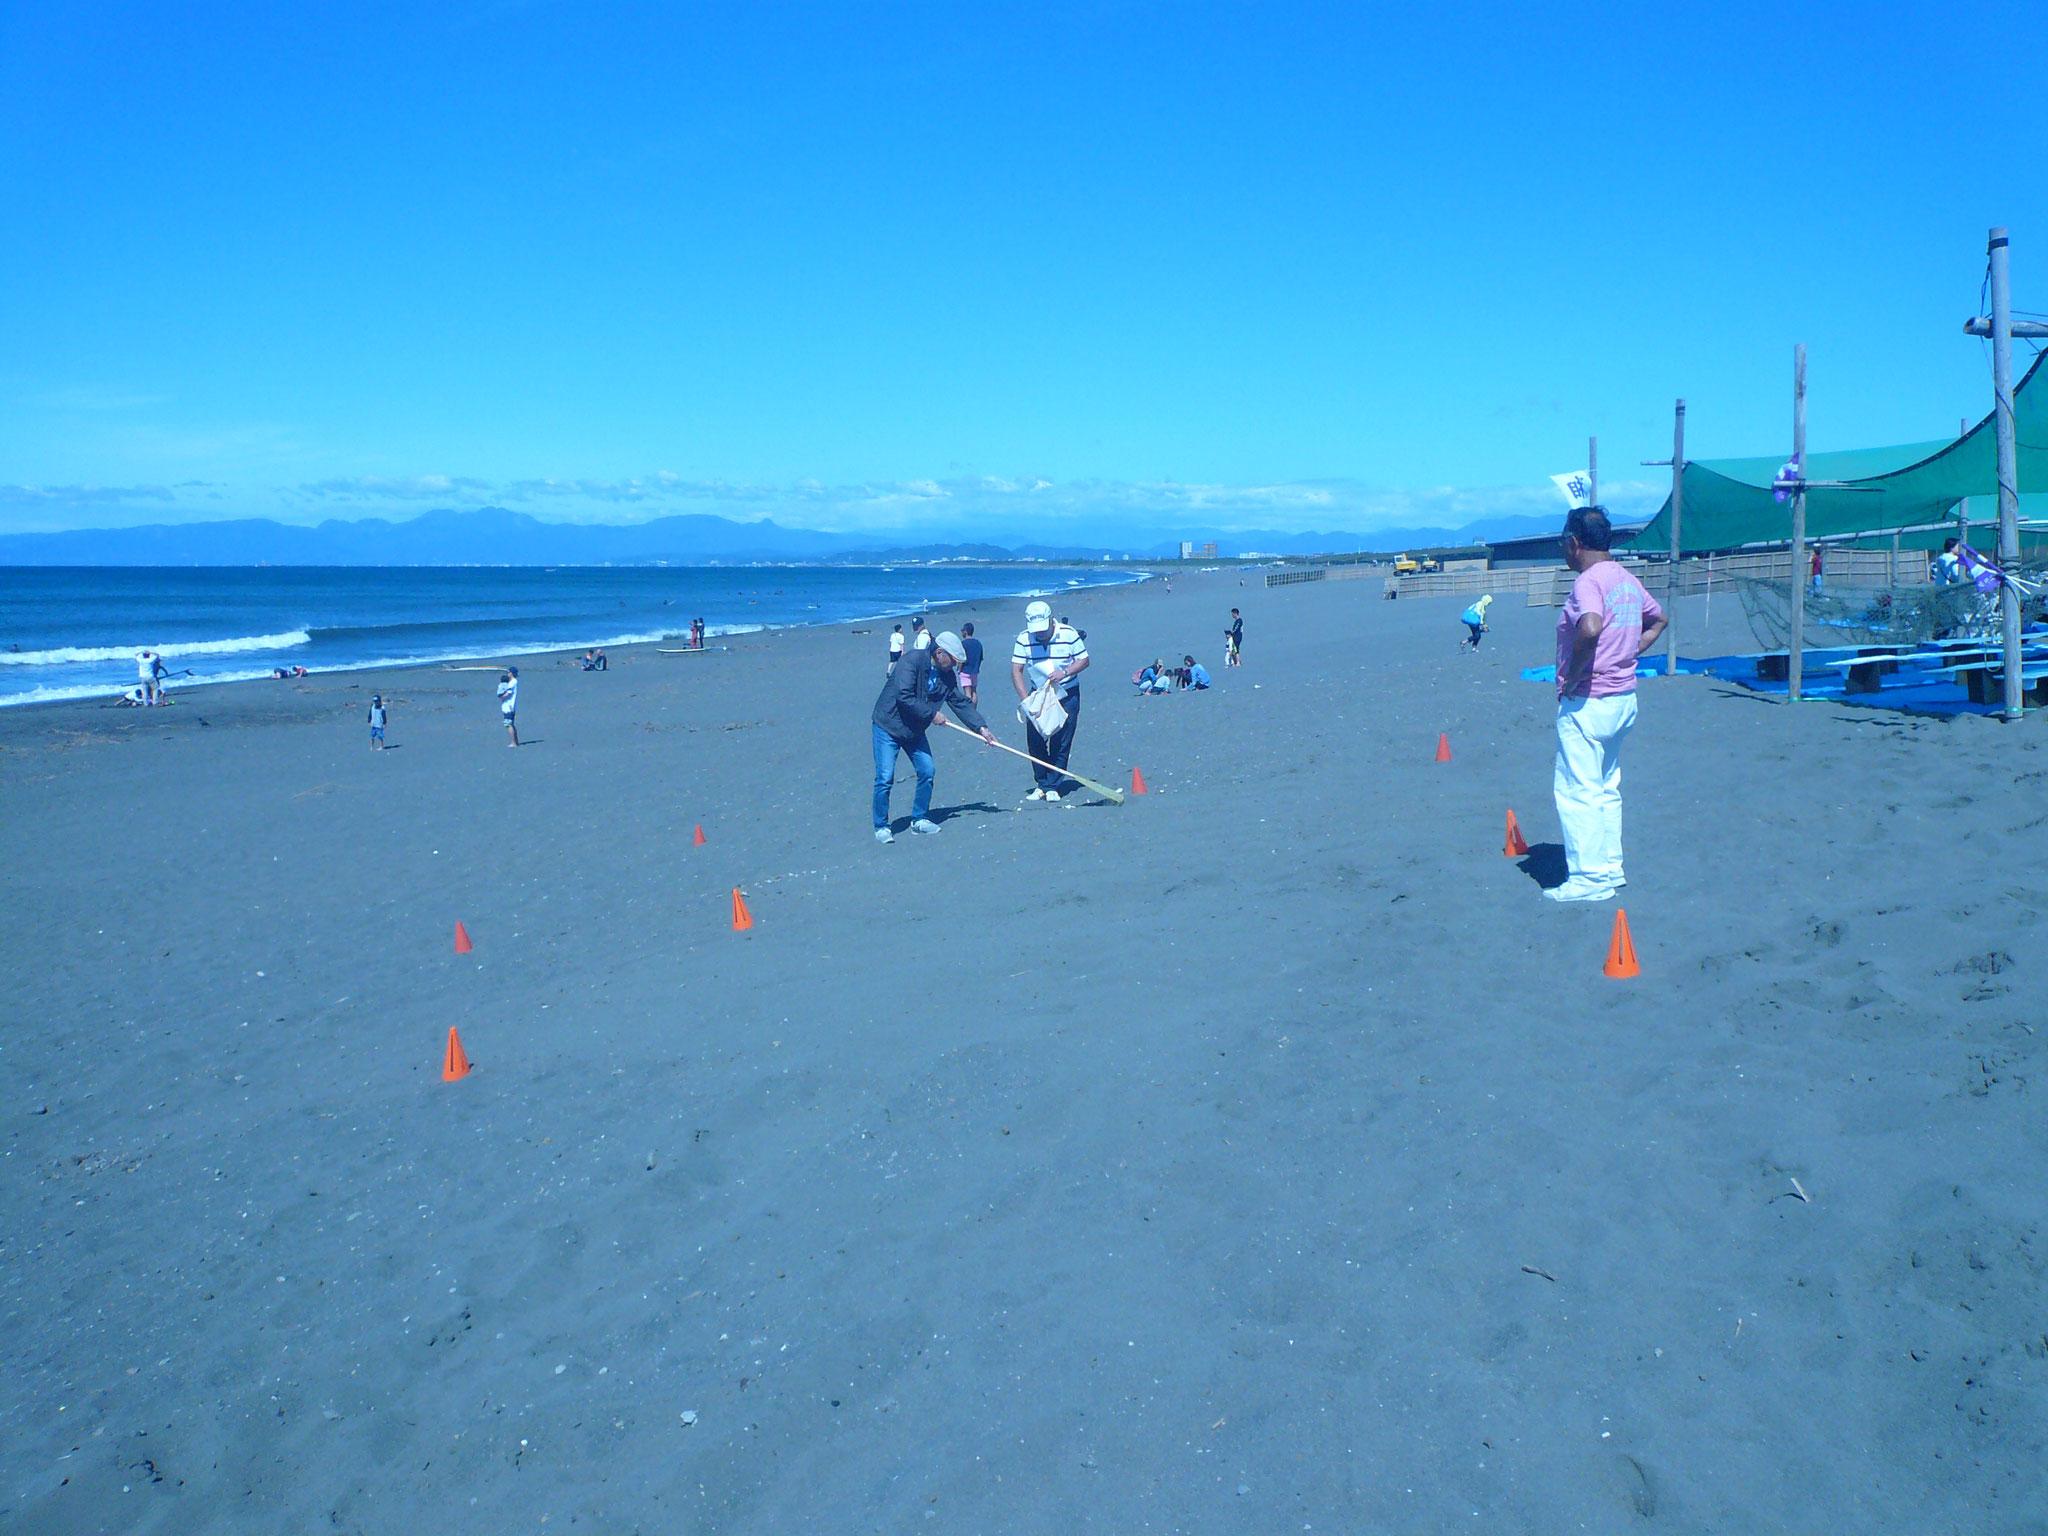 ケガしないように砂浜の清掃も